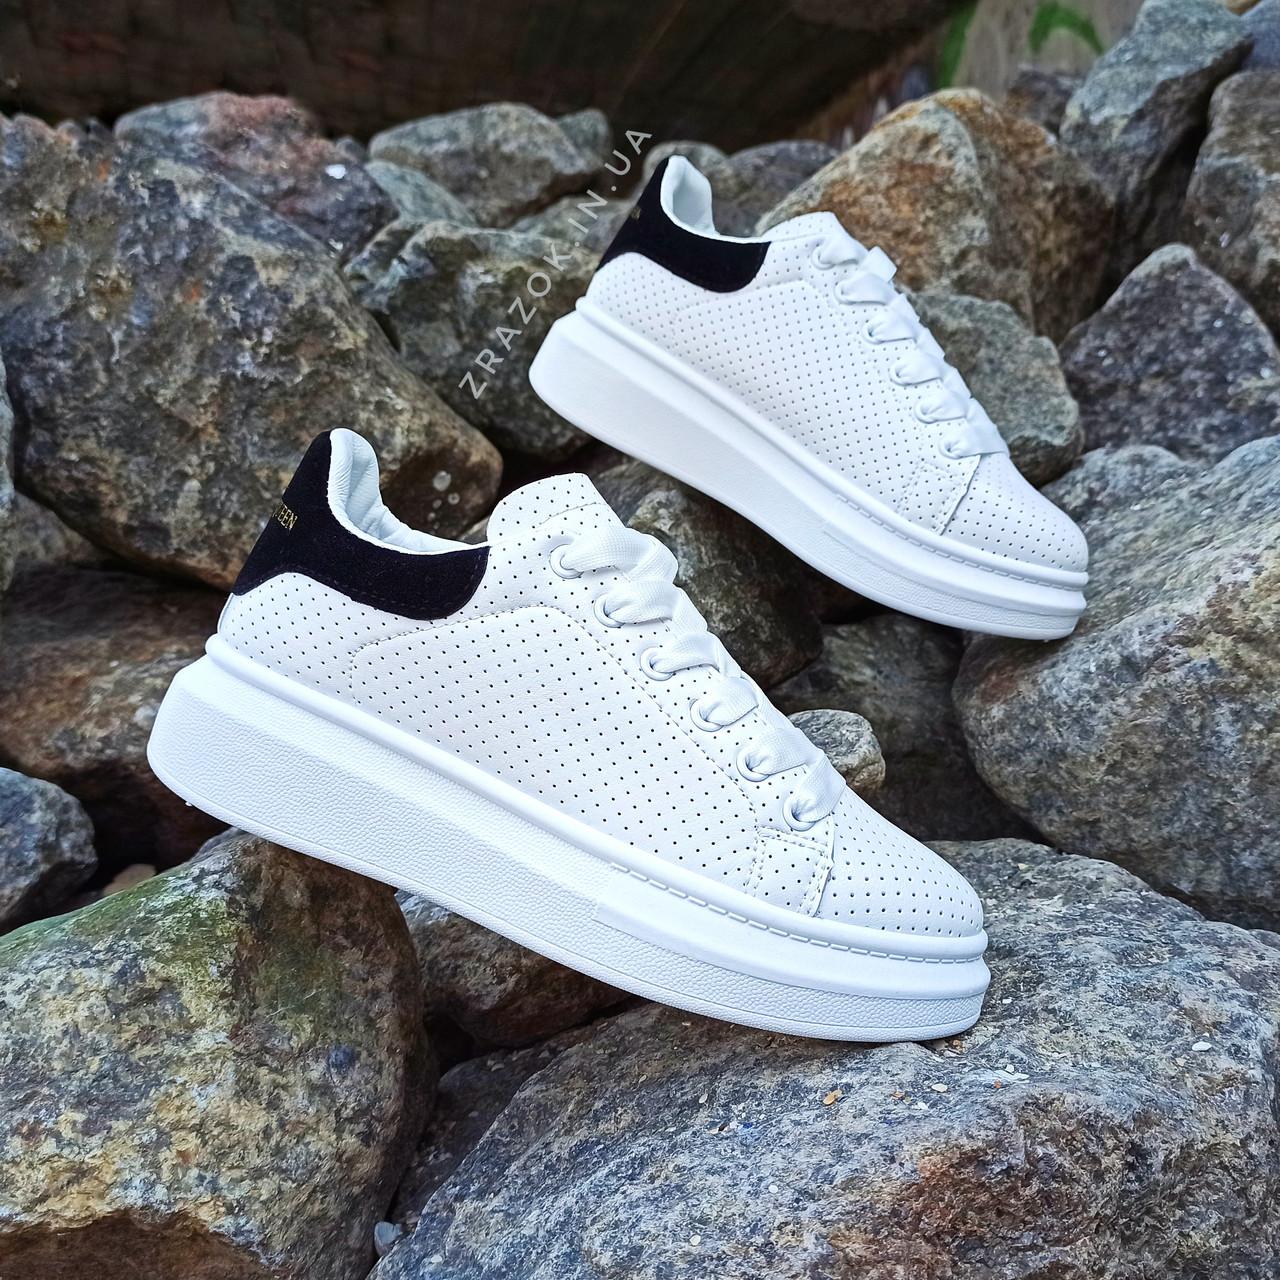 Кроссовки криперы ALEXANDER MCQUEEN |копия| белые размеры 36-41 на толстой подошве высокие кожаные перфорация